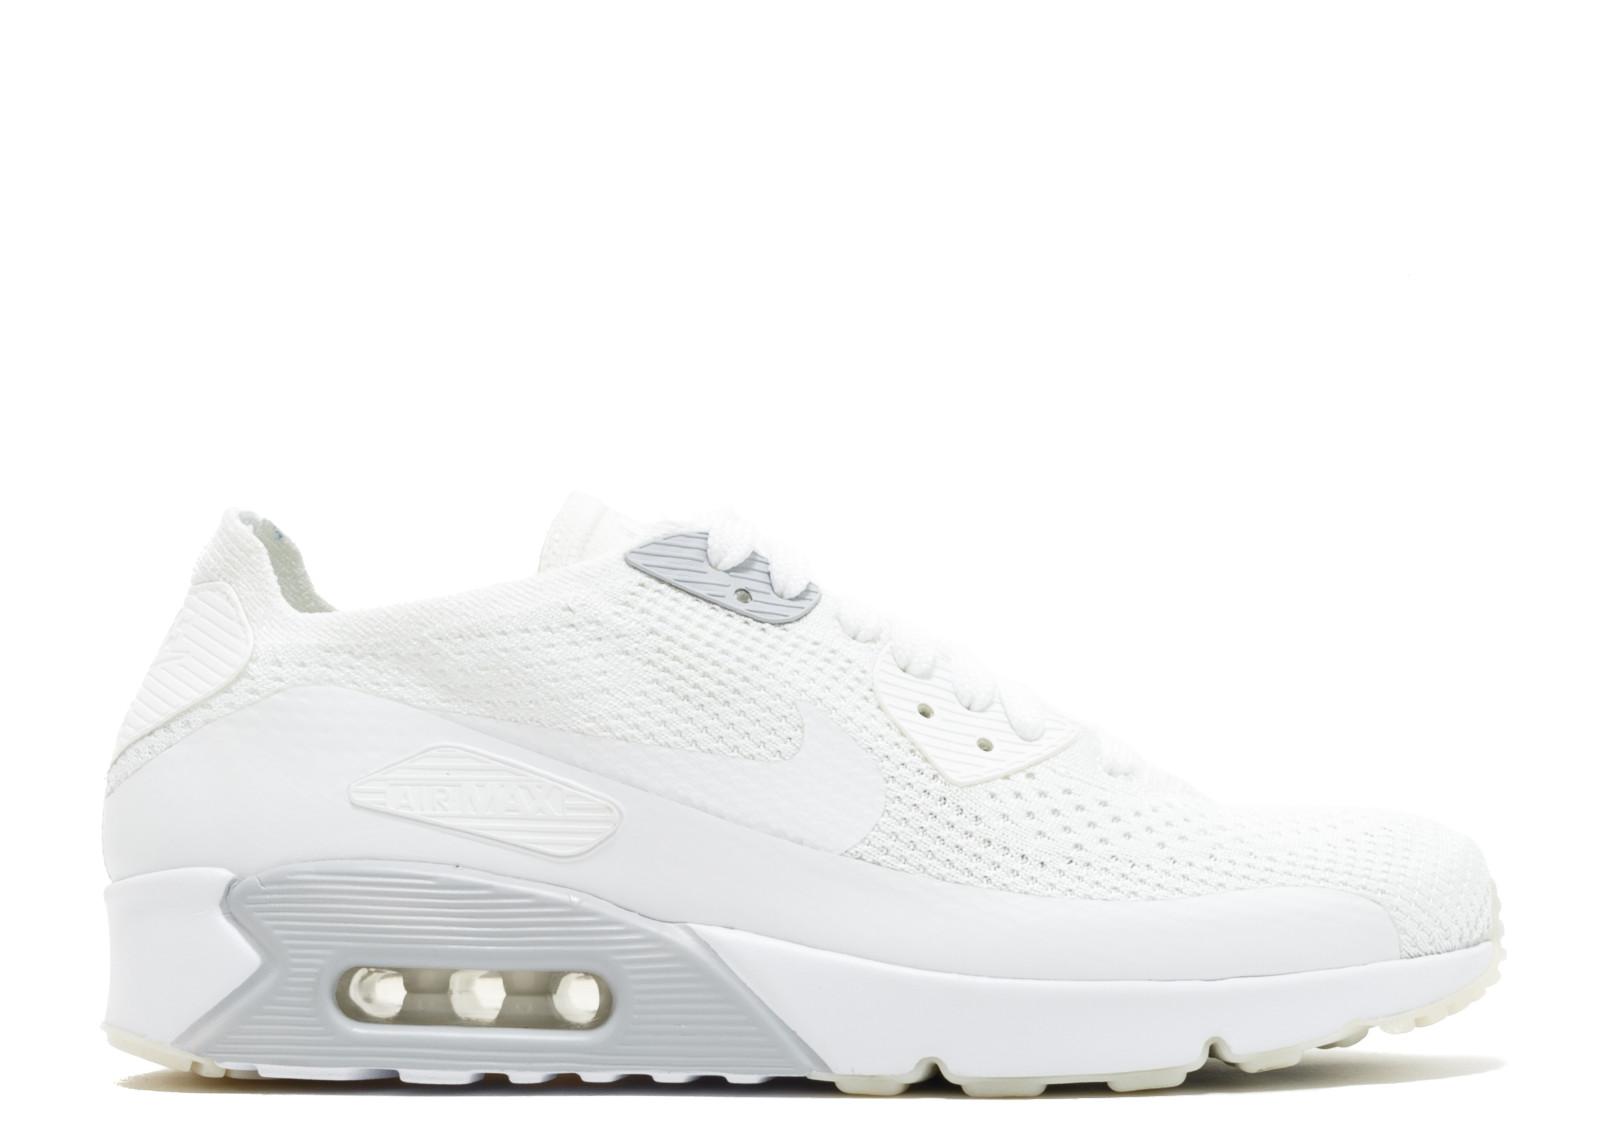 ナイキ エアー マックス ウルトラ フライニット プラチナム 2.0 メンズ 男性用 靴 メンズ靴 スニーカー 【 NIKE AIR ULTRA PLATINUM MAX 90 FLYKNIT WHITE WHITEPURE 】